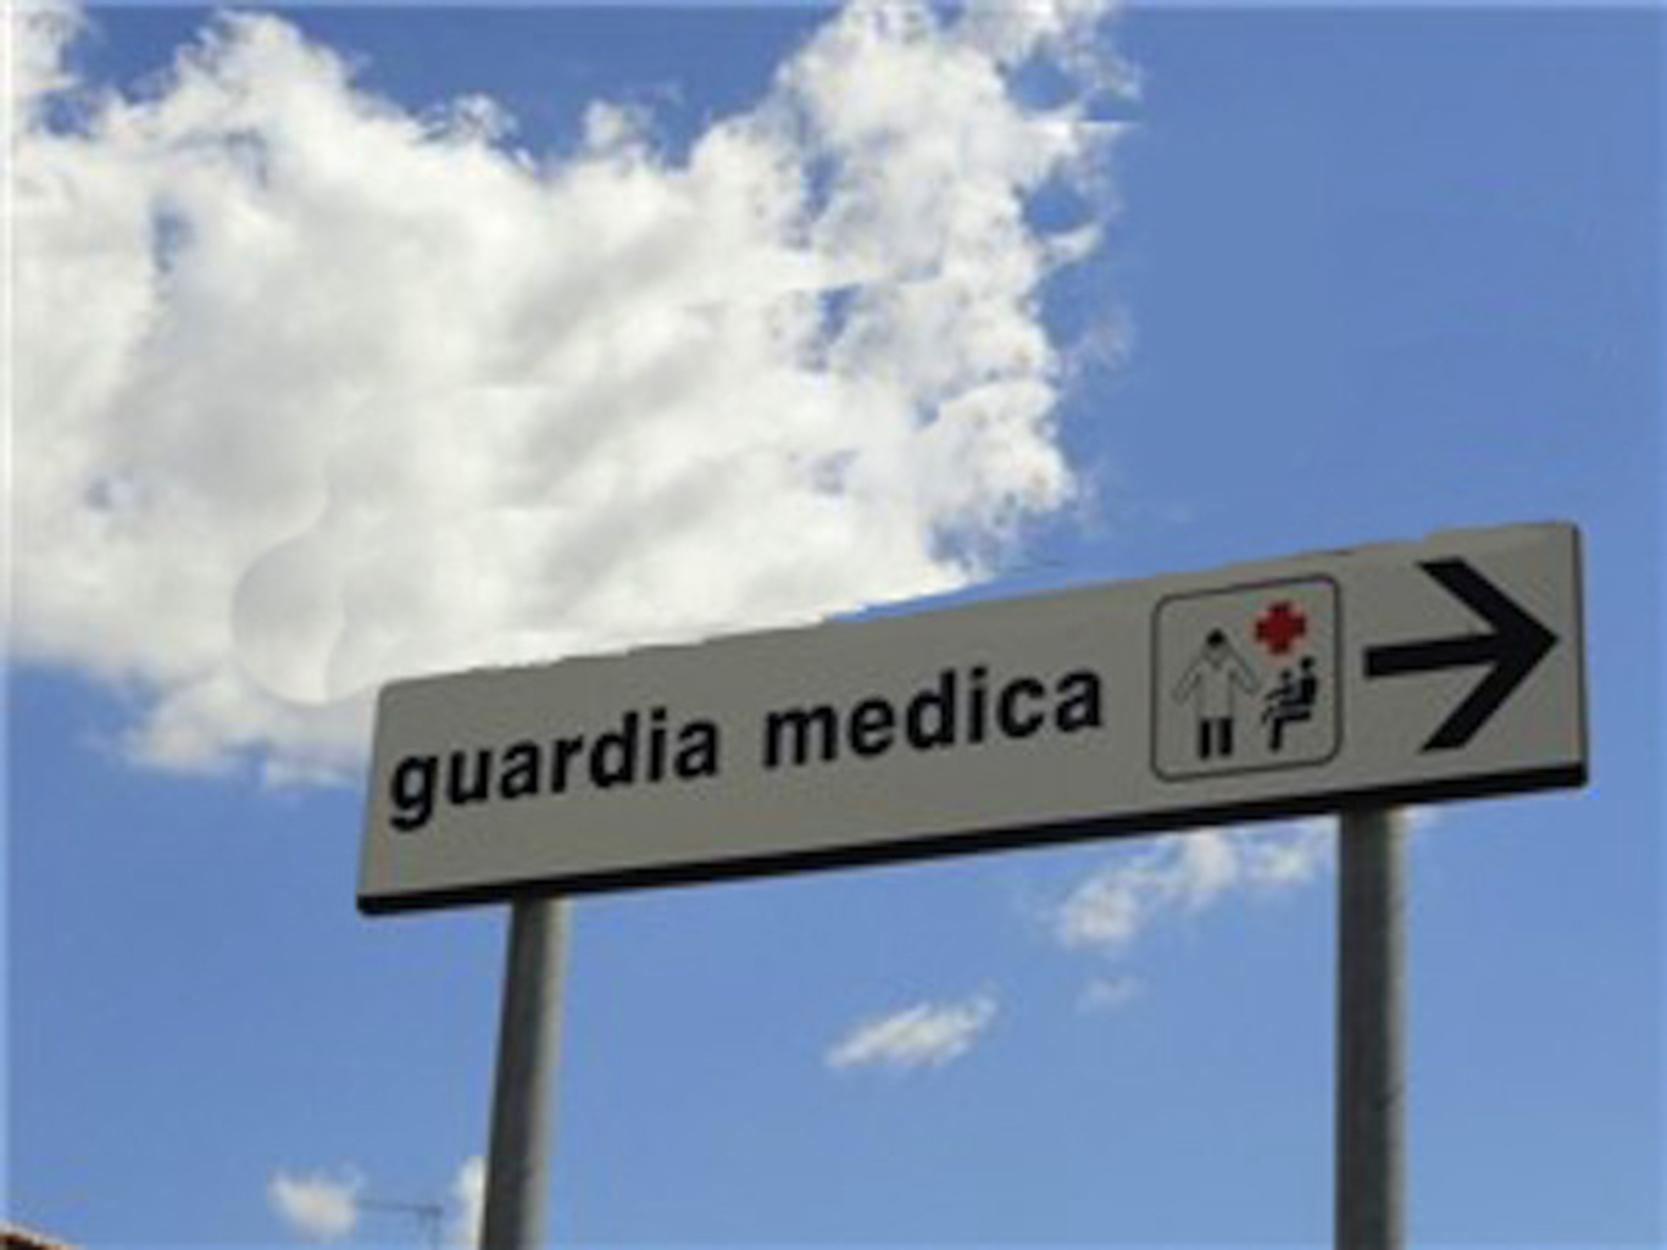 Tortolì, non ci sono medici disponibili: la Guardia Medica oggi resta chiusa